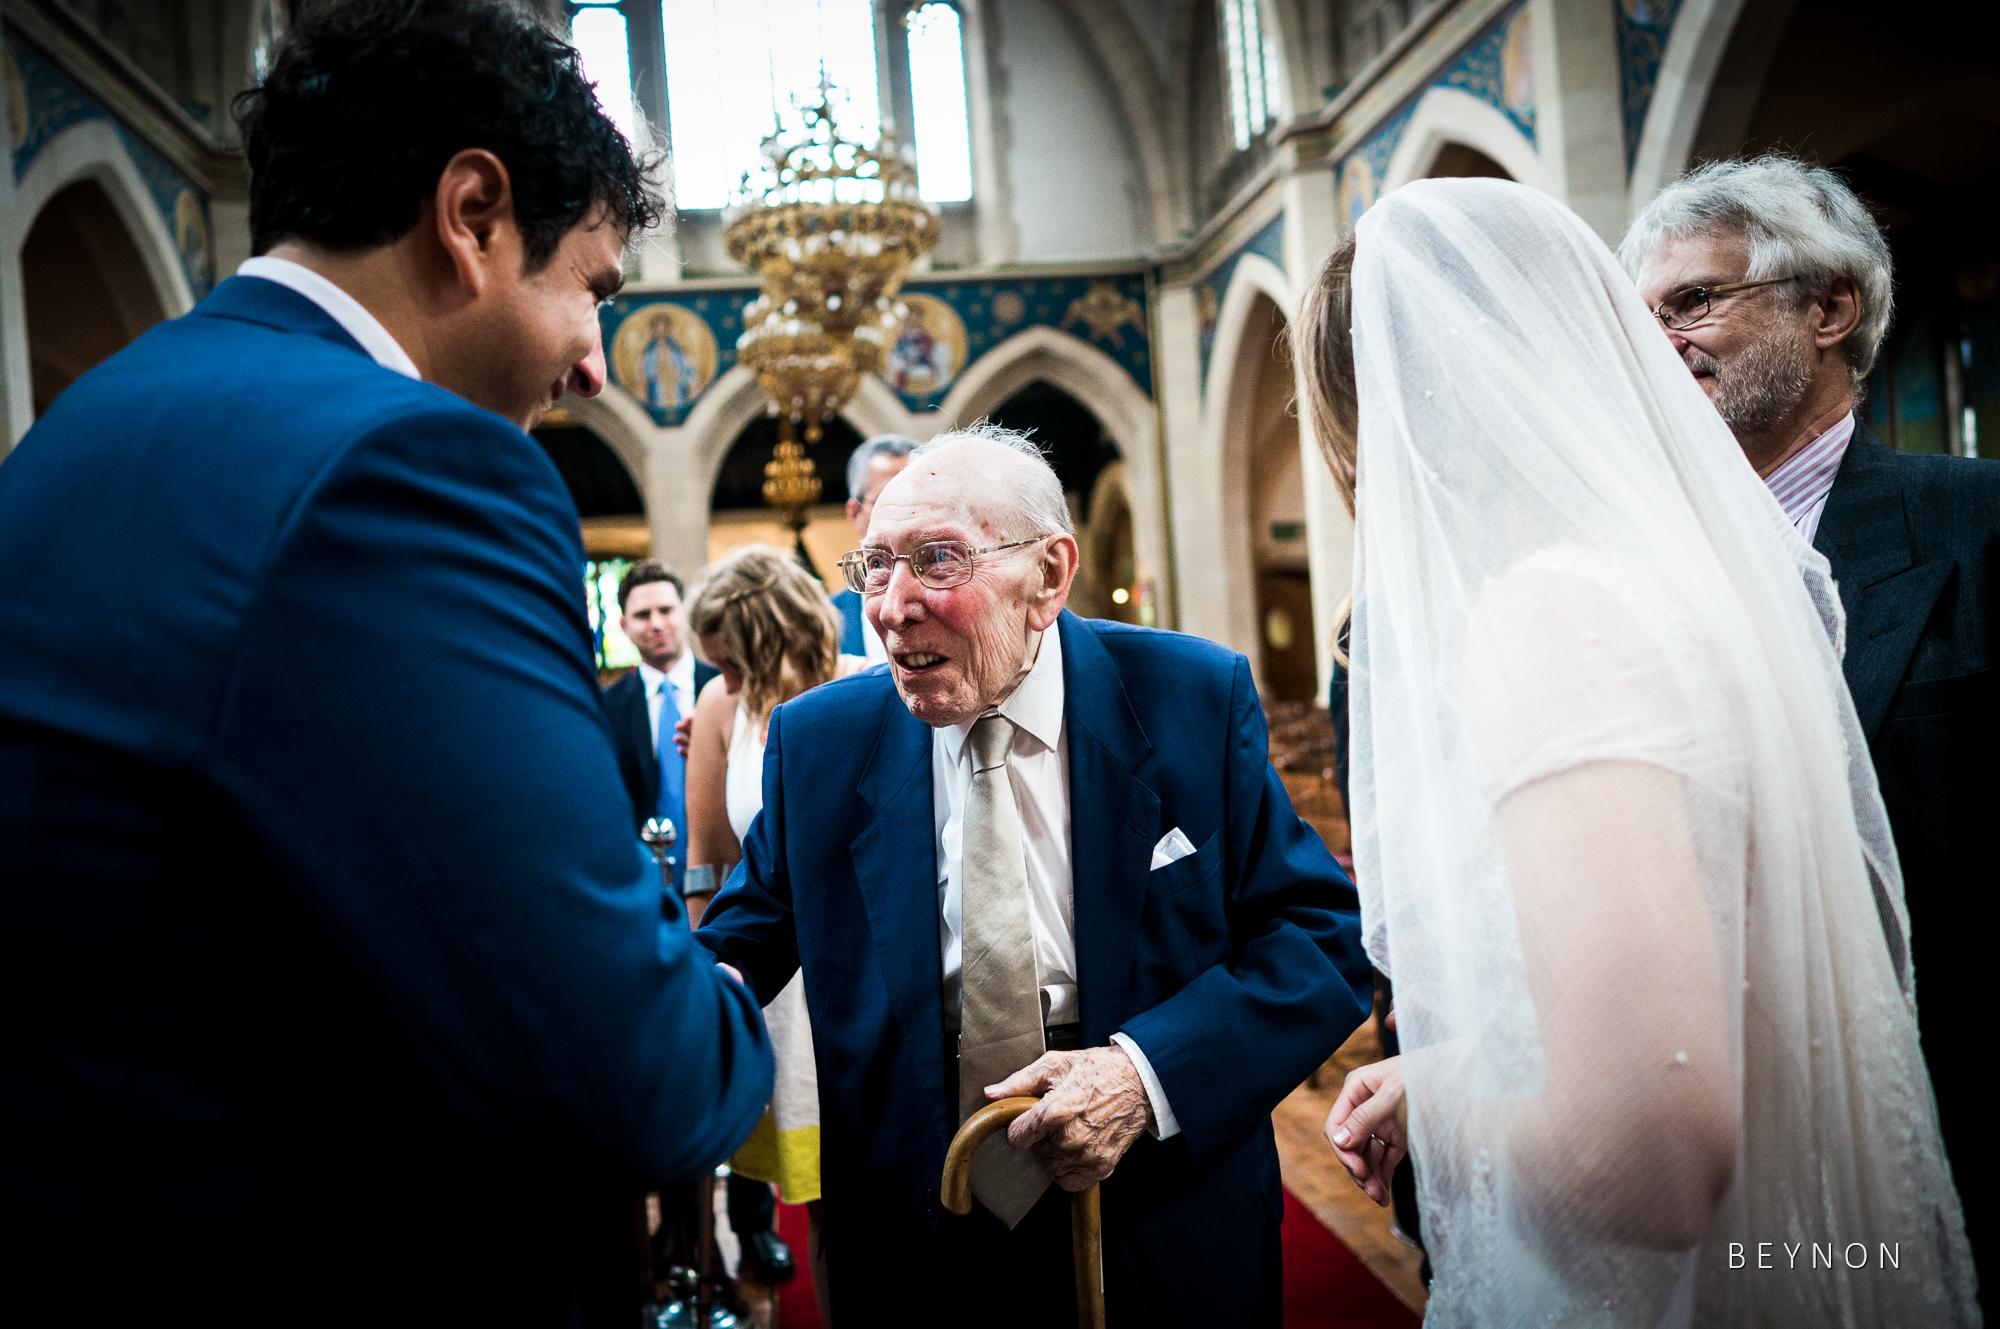 Elderly wedding guest